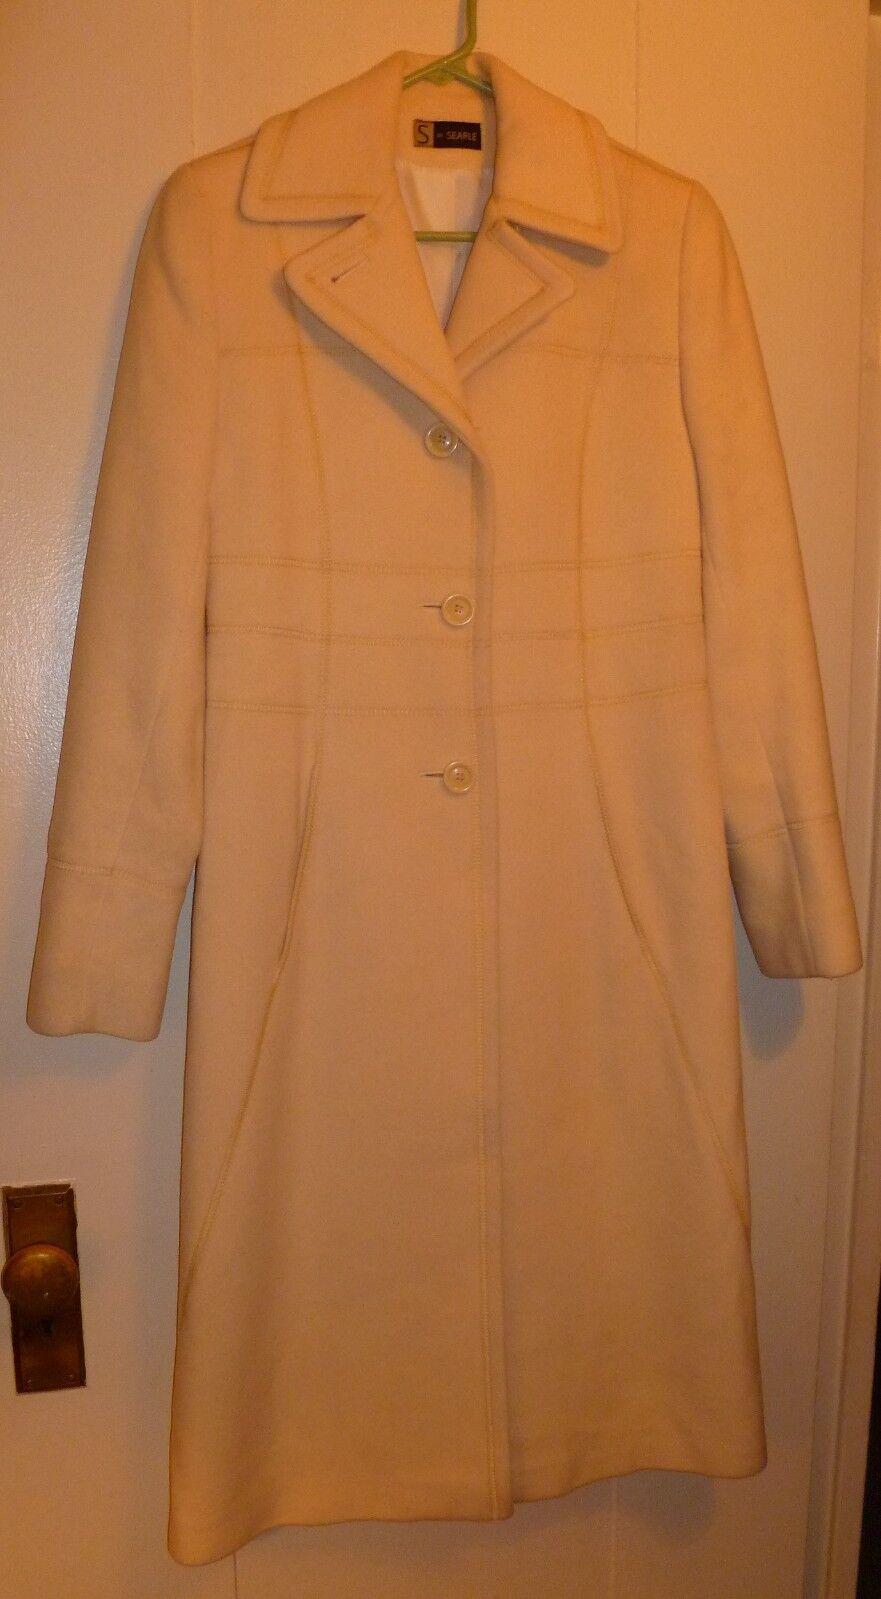 S by Searle Beige Ivory Cream Italian Wool Coat, Size 0